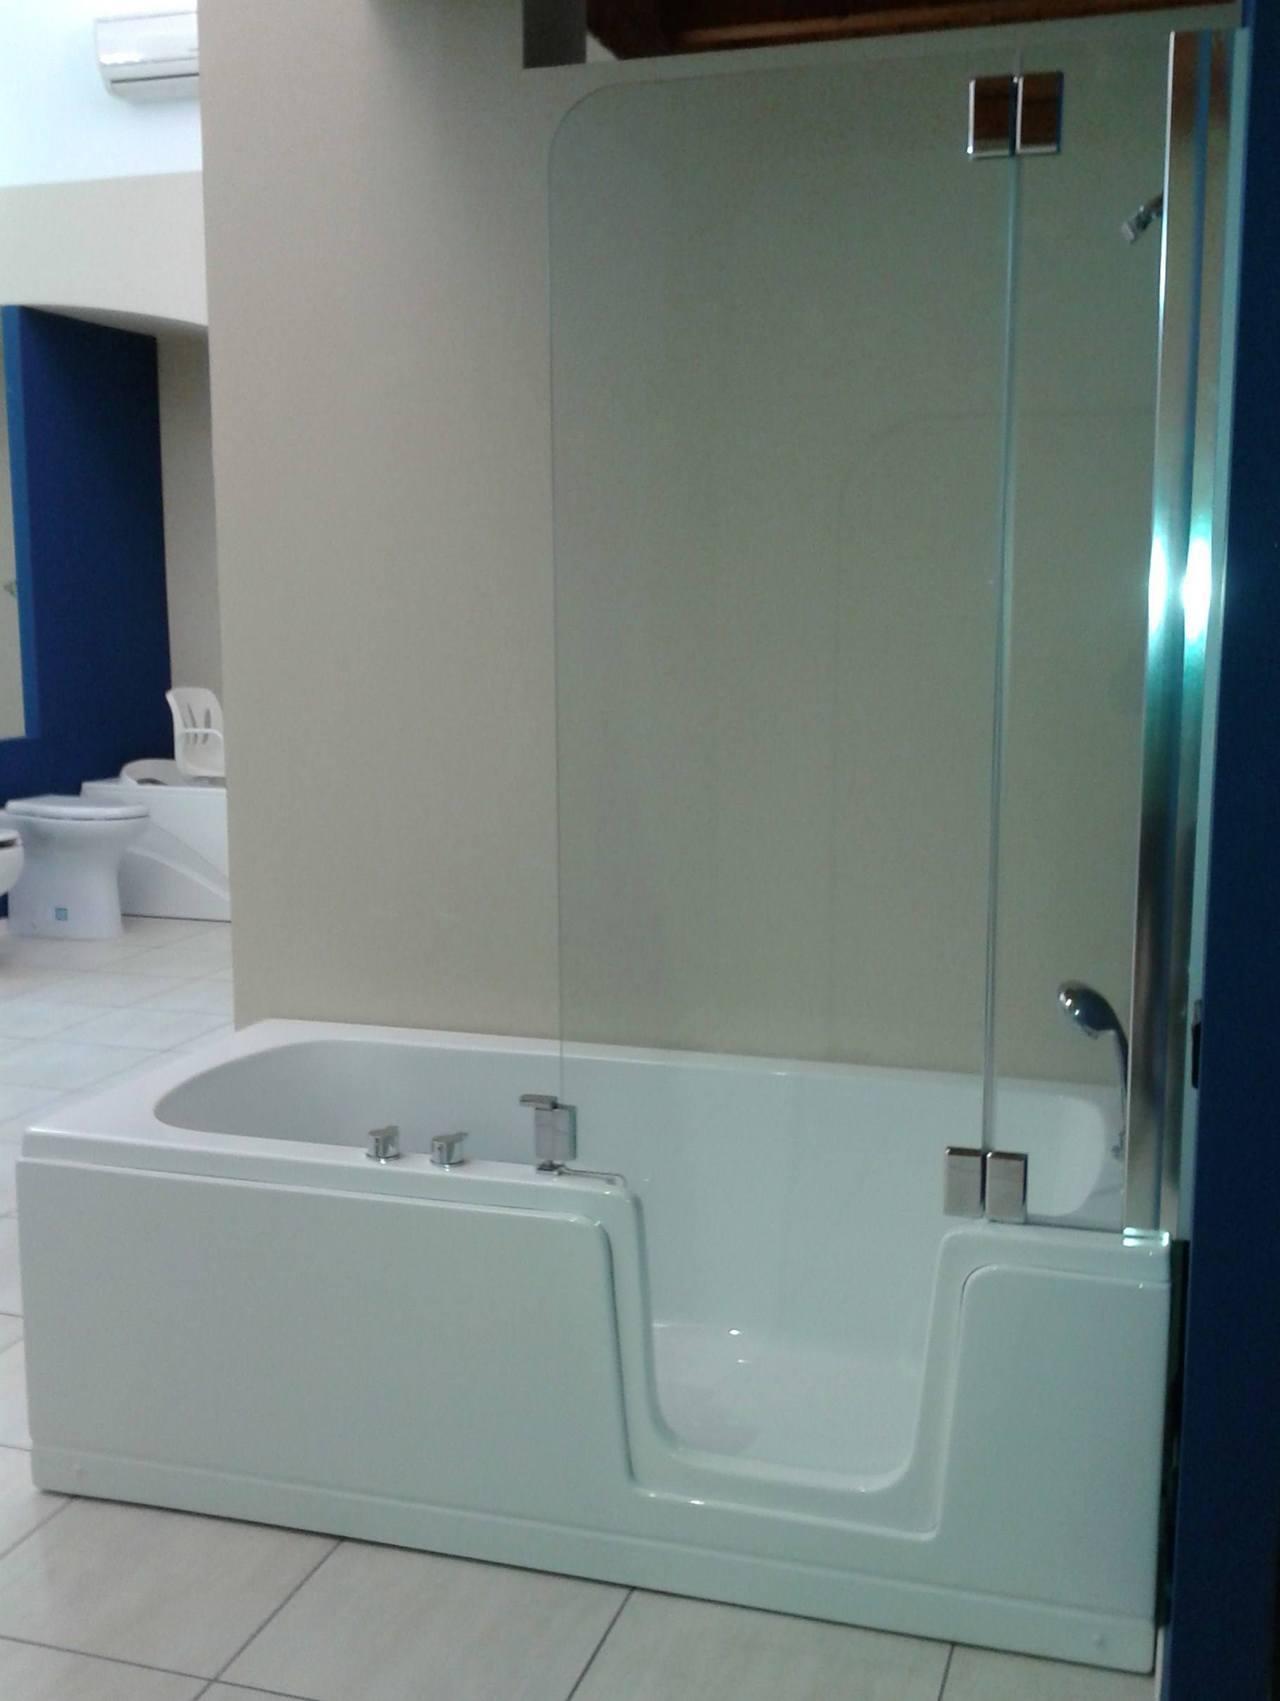 Vasca doccia con porta duo comfort - Vasca bagno con porta ...